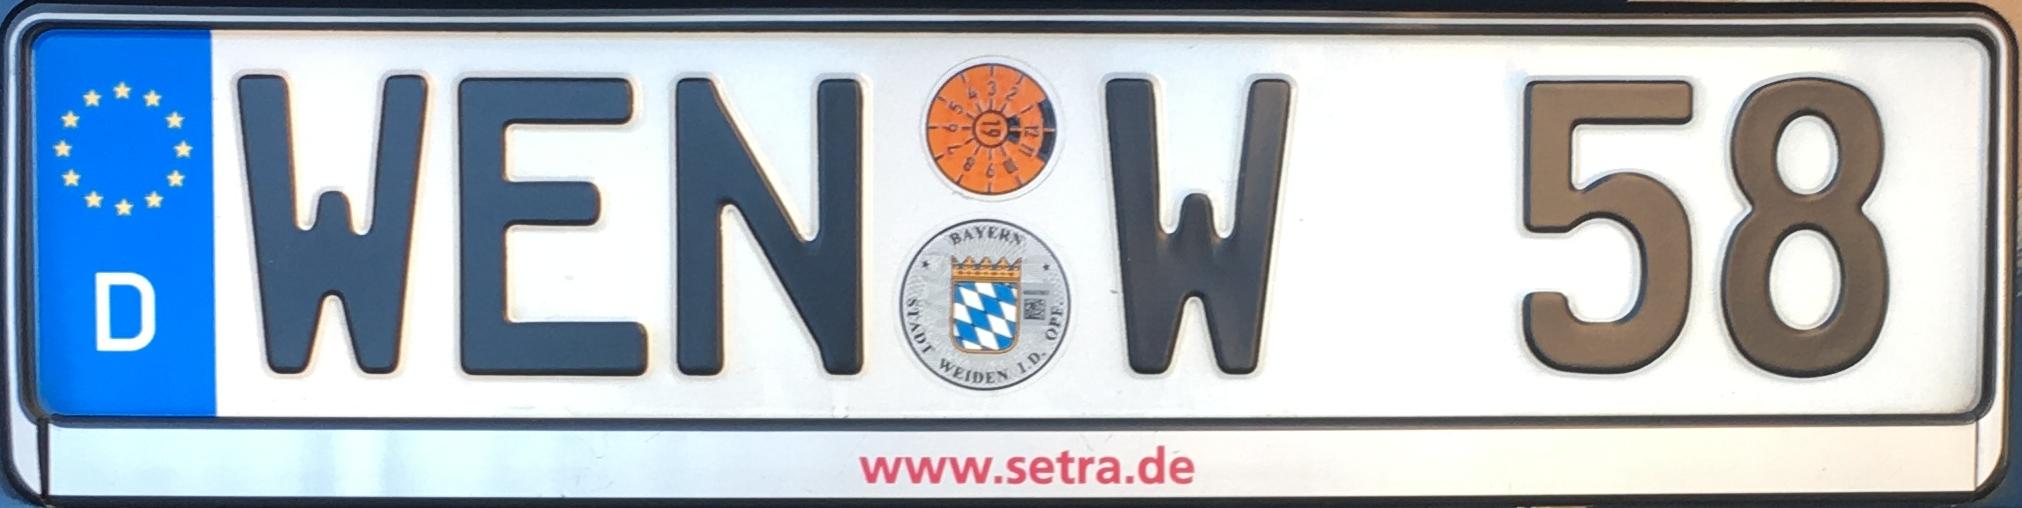 Registrační značka Německo - WEN - Weiden in der Oberpfalz, foto: www.podalnici.cz